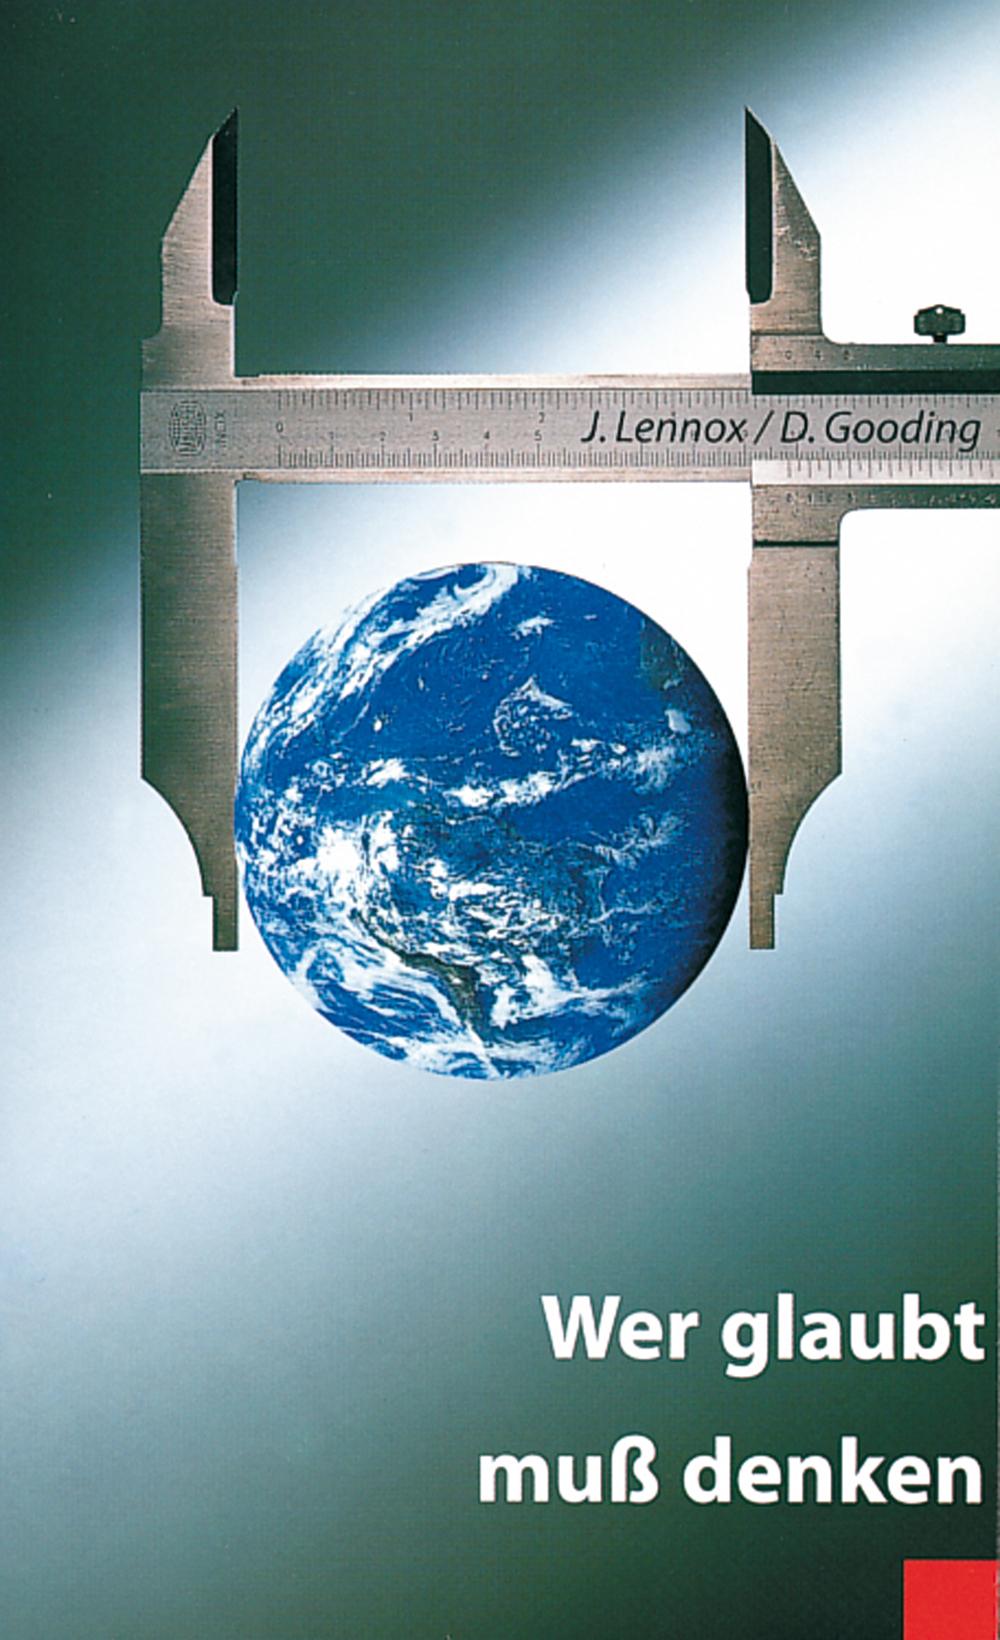 CLV_wer-glaubt-muss-denken_david-gooding-john-lennox_255404_1